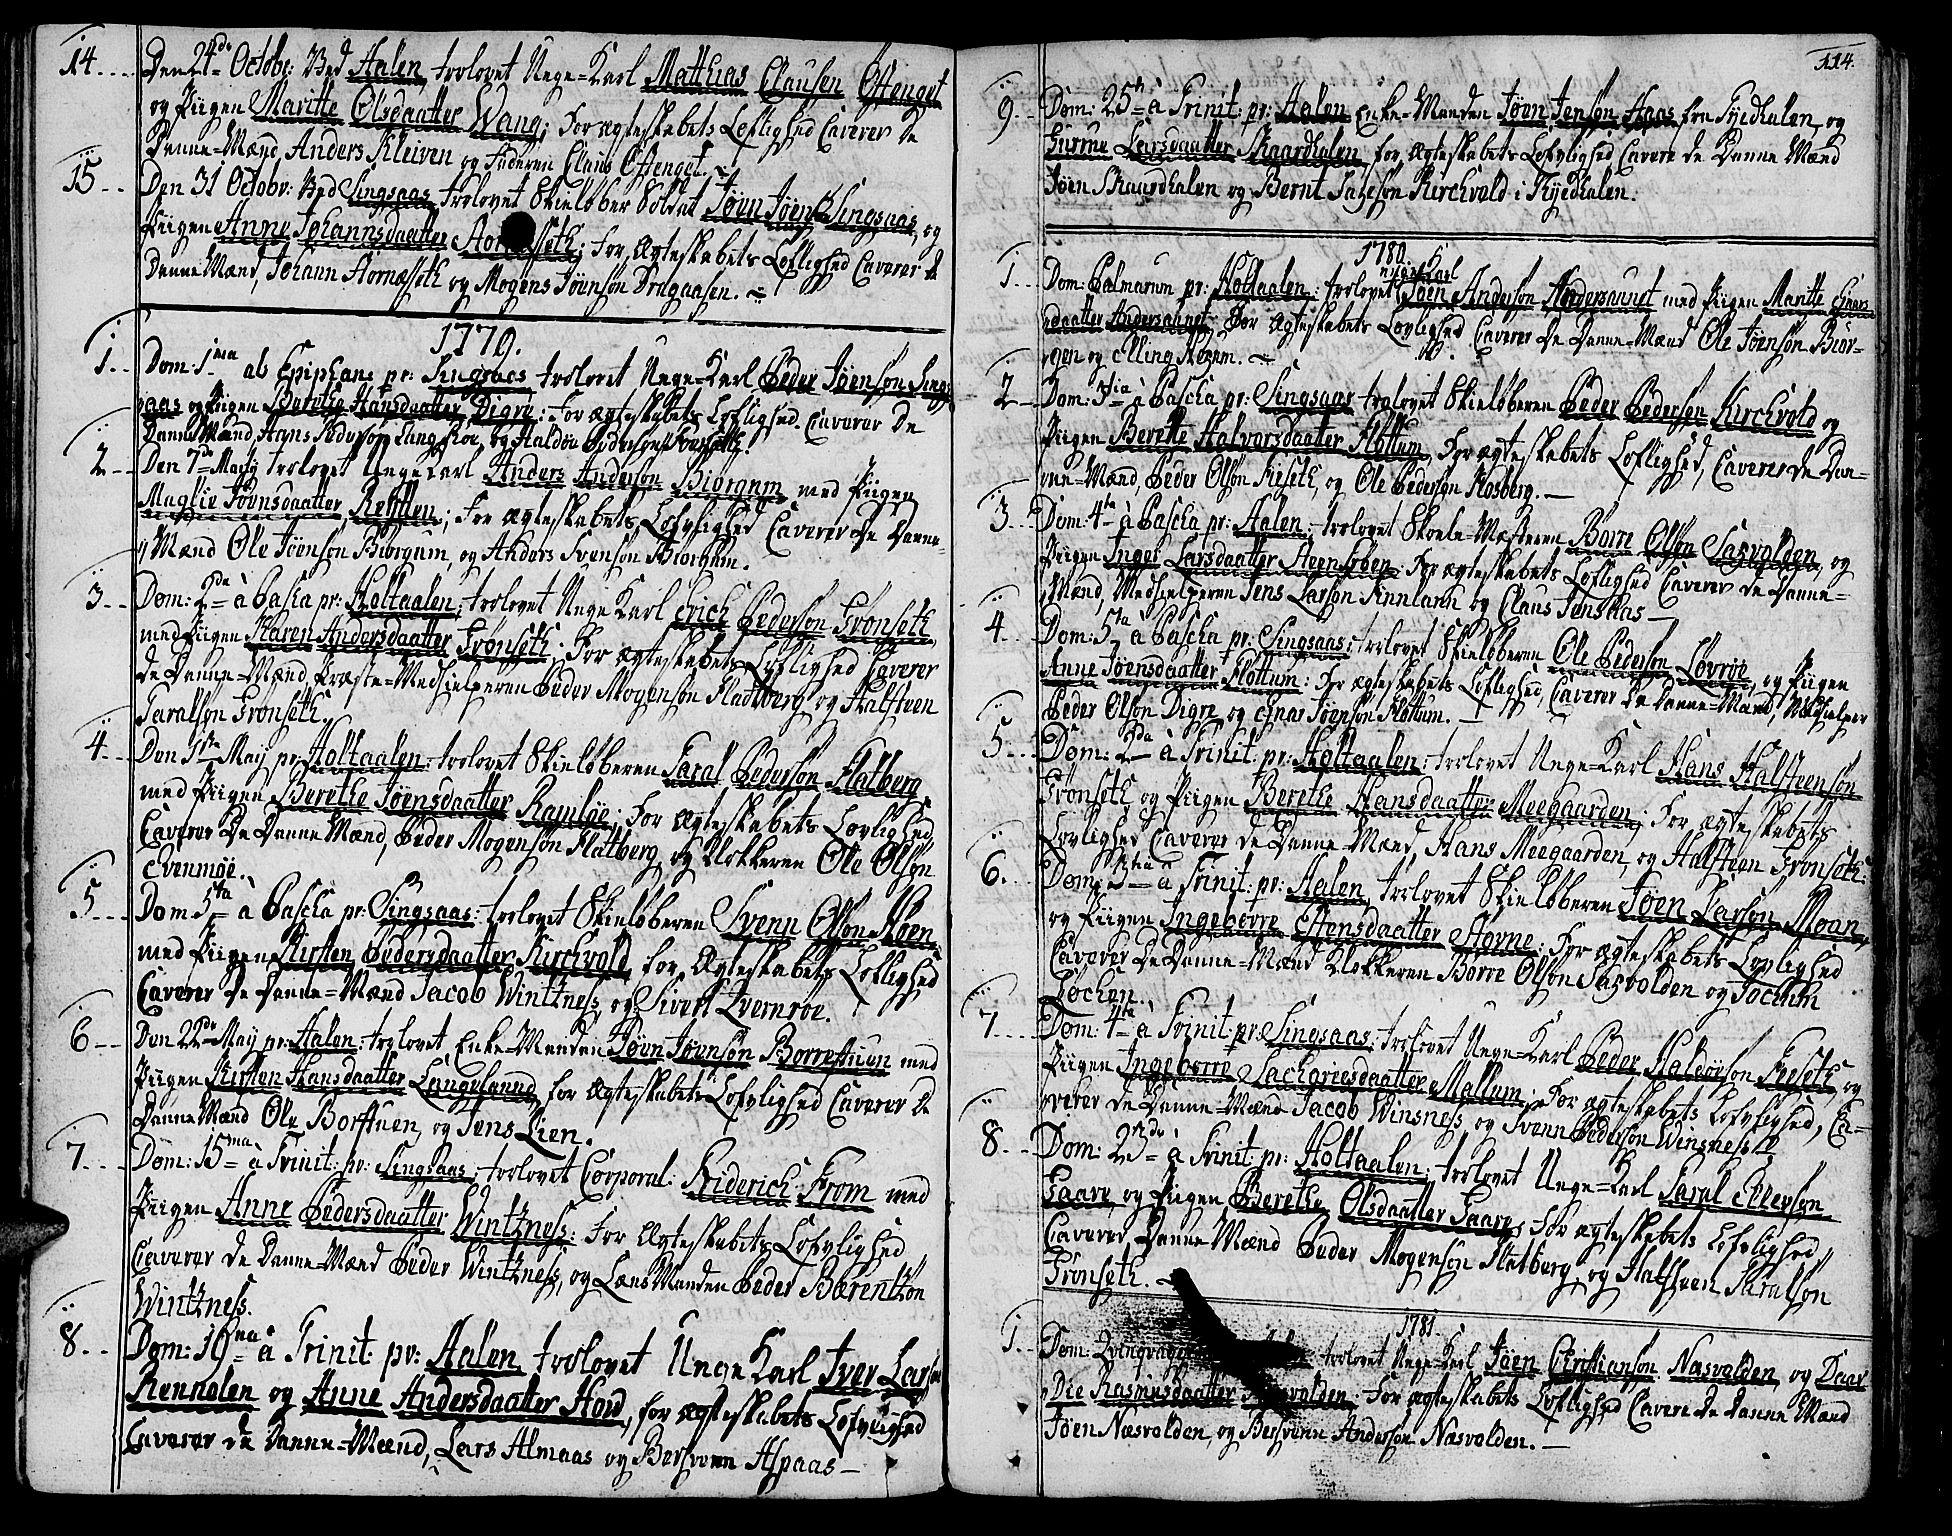 SAT, Ministerialprotokoller, klokkerbøker og fødselsregistre - Sør-Trøndelag, 685/L0952: Ministerialbok nr. 685A01, 1745-1804, s. 114